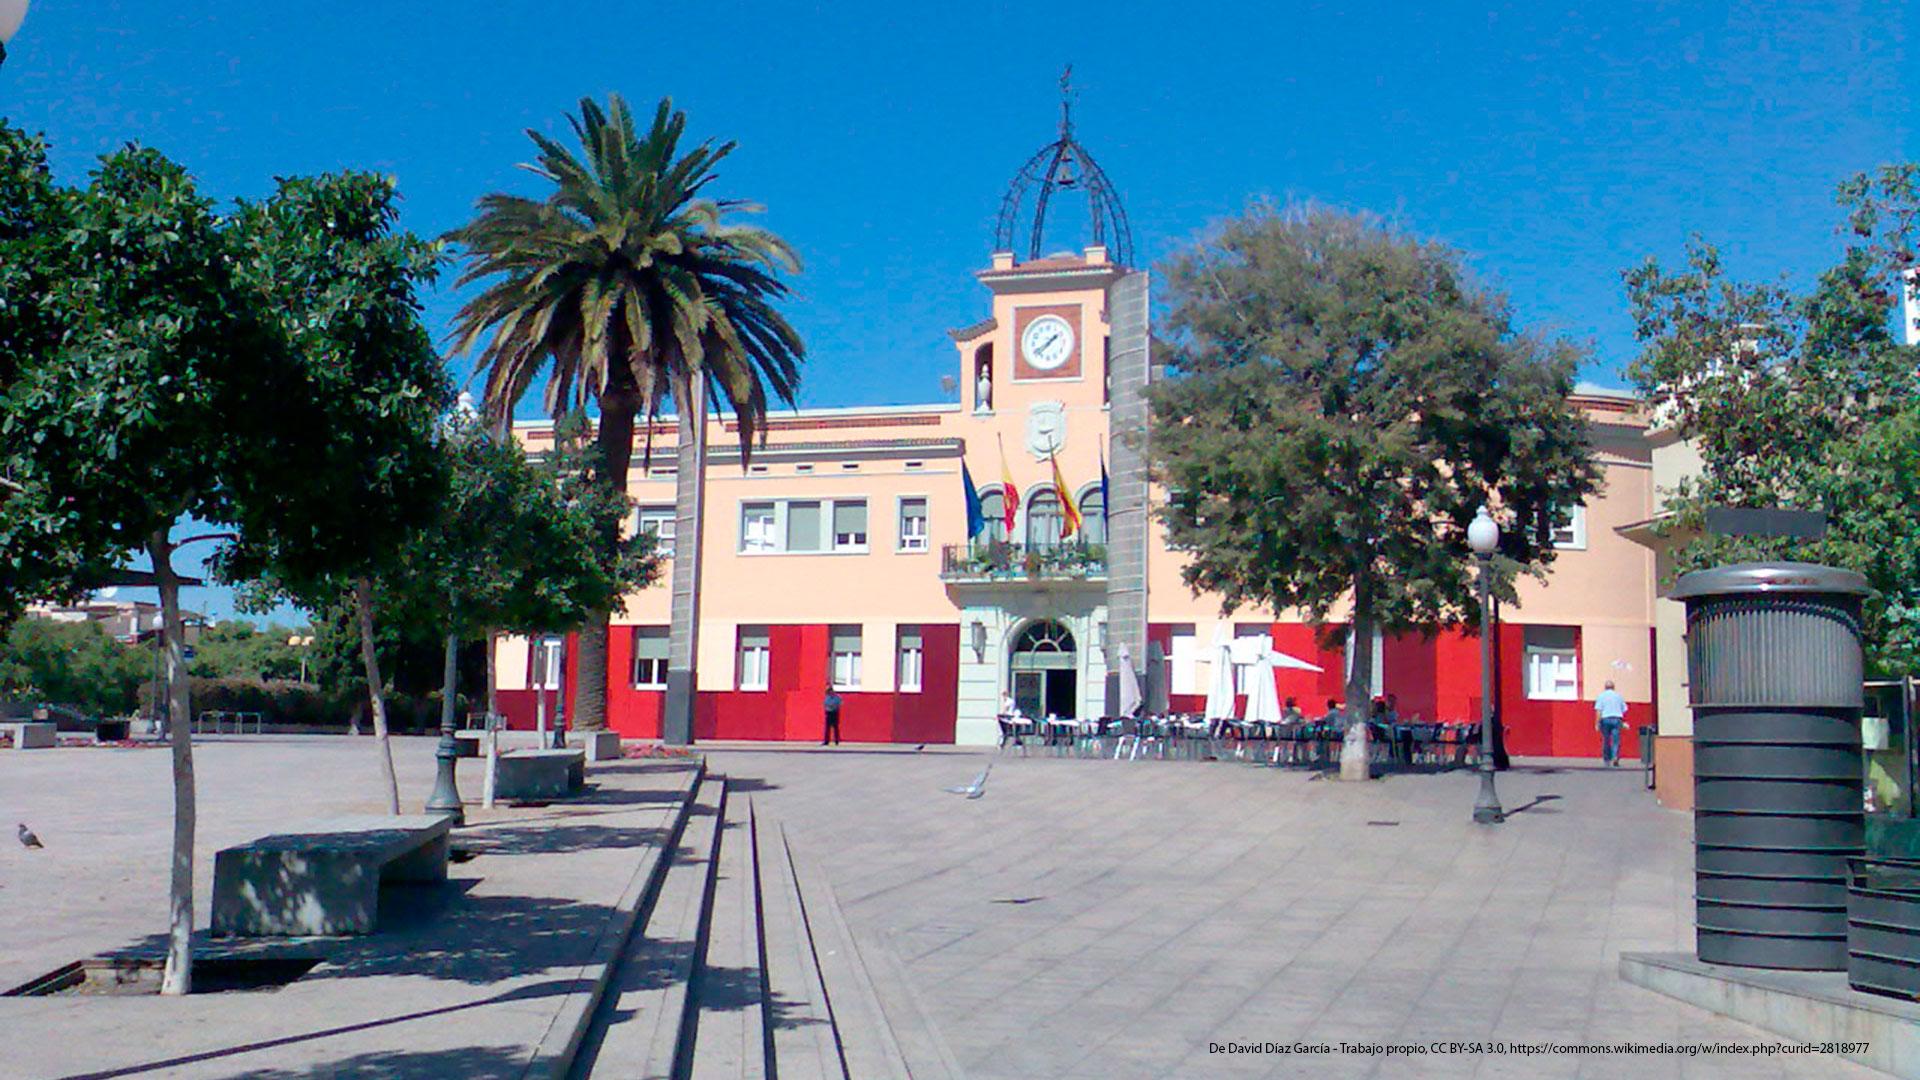 Mudanzas en Santa Coloma de Gramanet